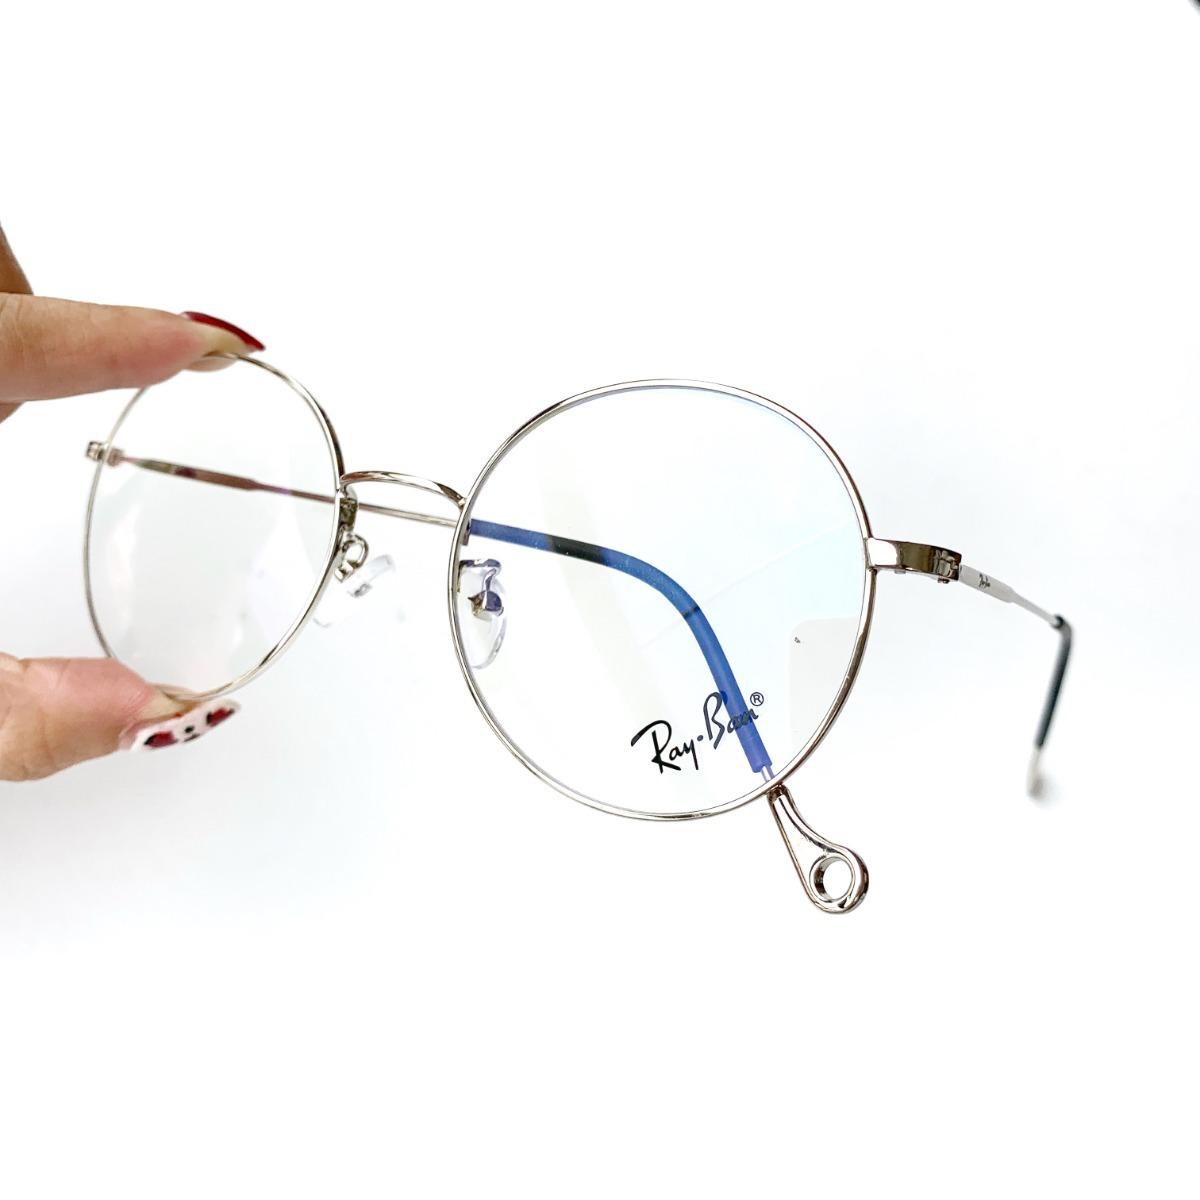 833bee1a38c12 armação oculos gatinho round redondo vintage retro metal. Carregando zoom.